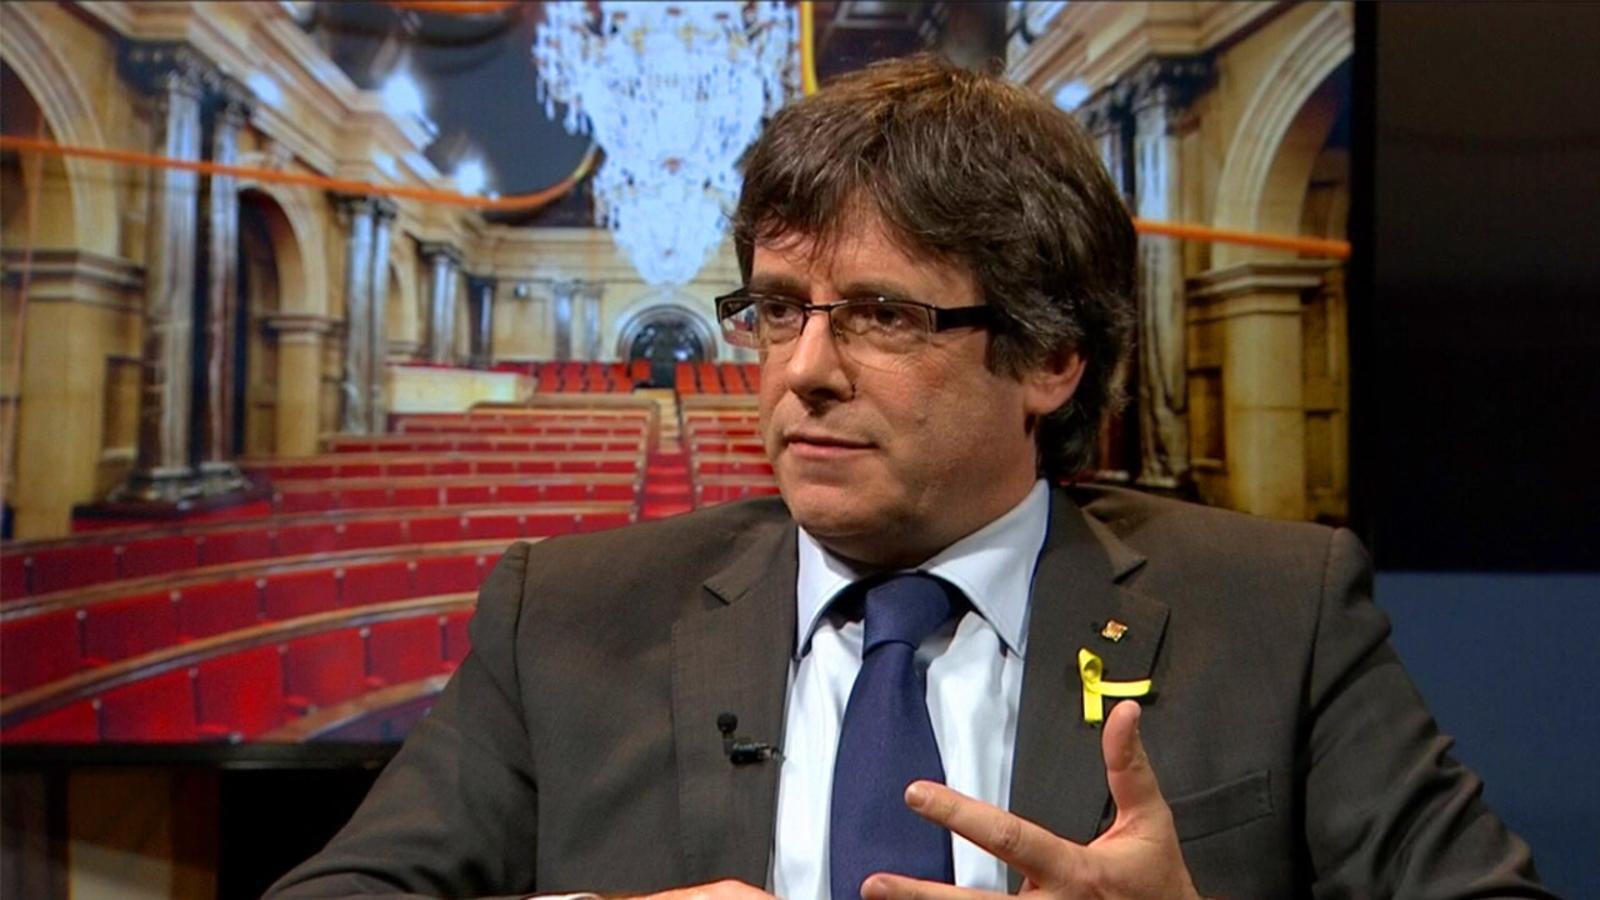 L'anàlisi d'Antoni Bassas: 'L'altra manifestació: un milió d'espectadors per a Puigdemont'